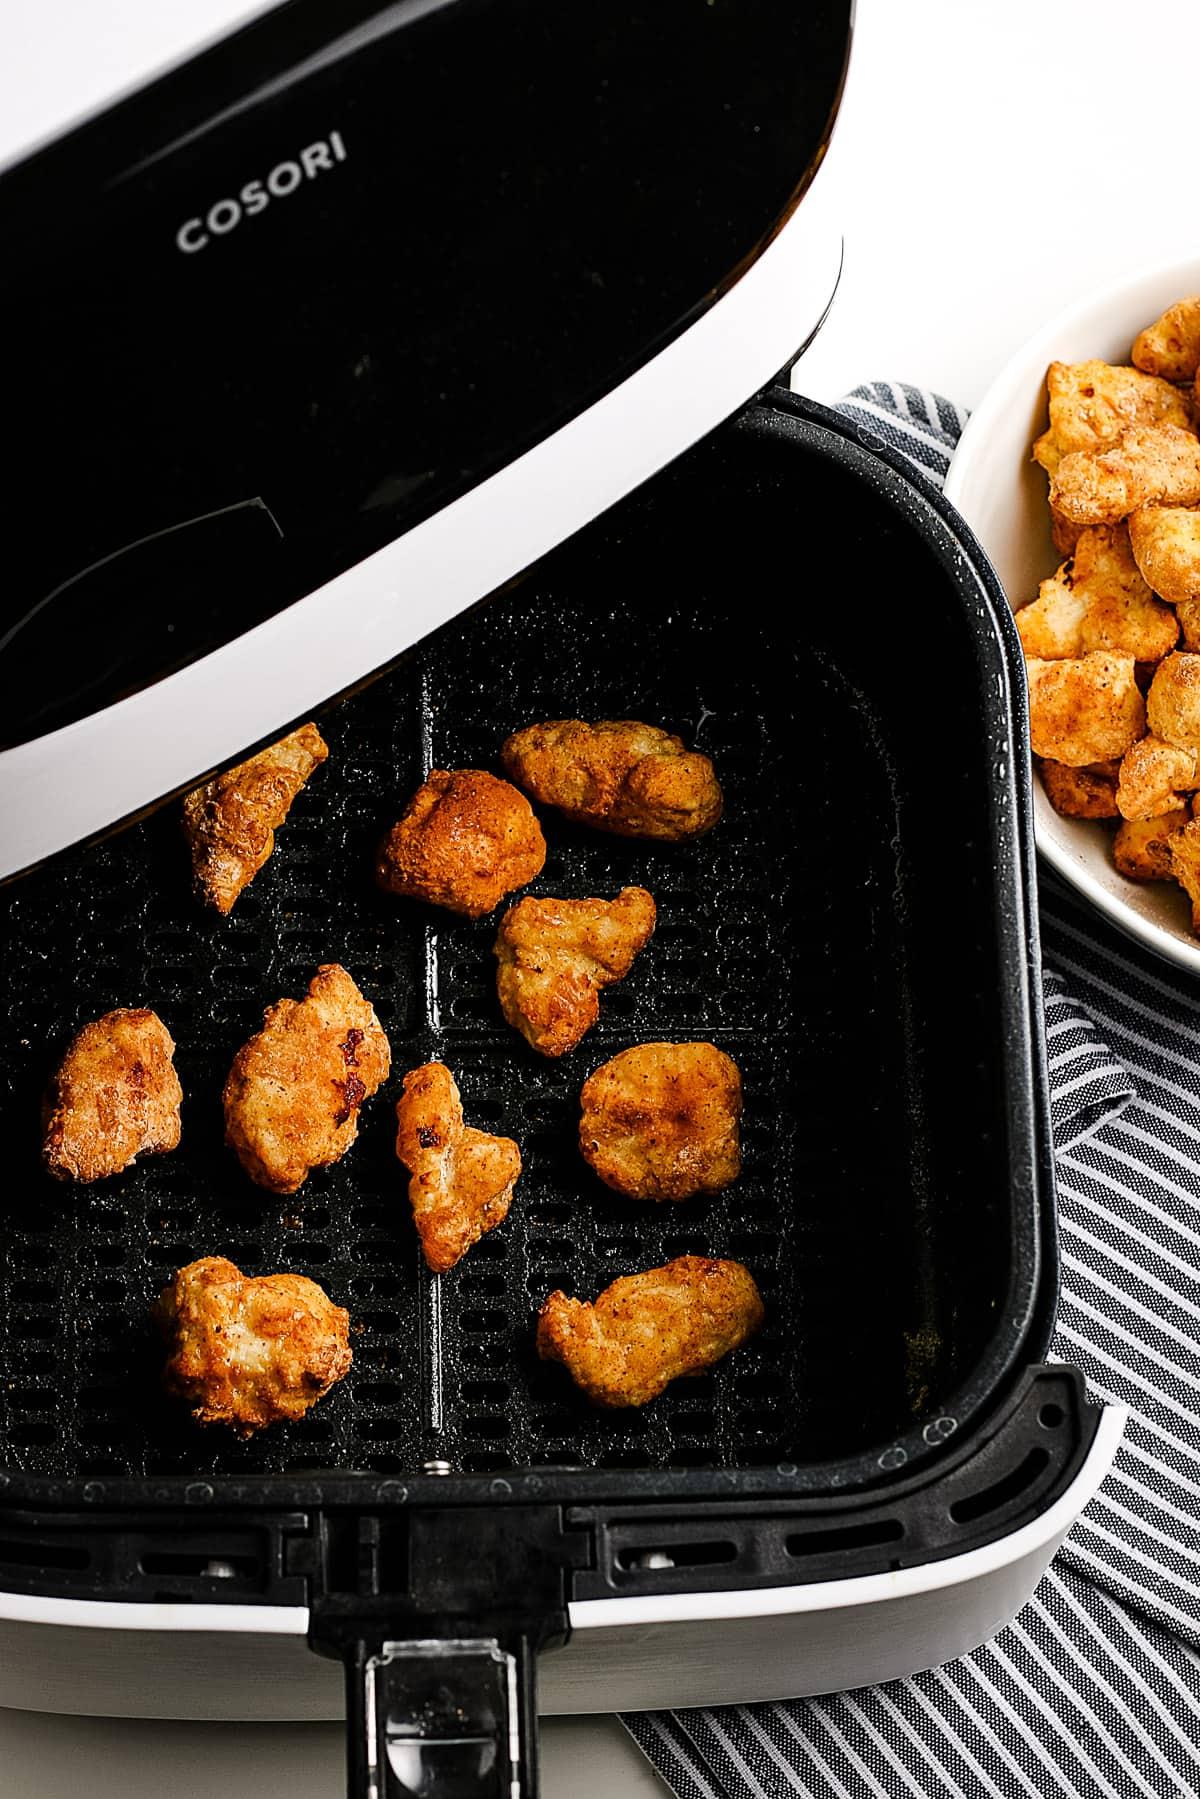 Air Fryer Basket with popcorn chicken in it